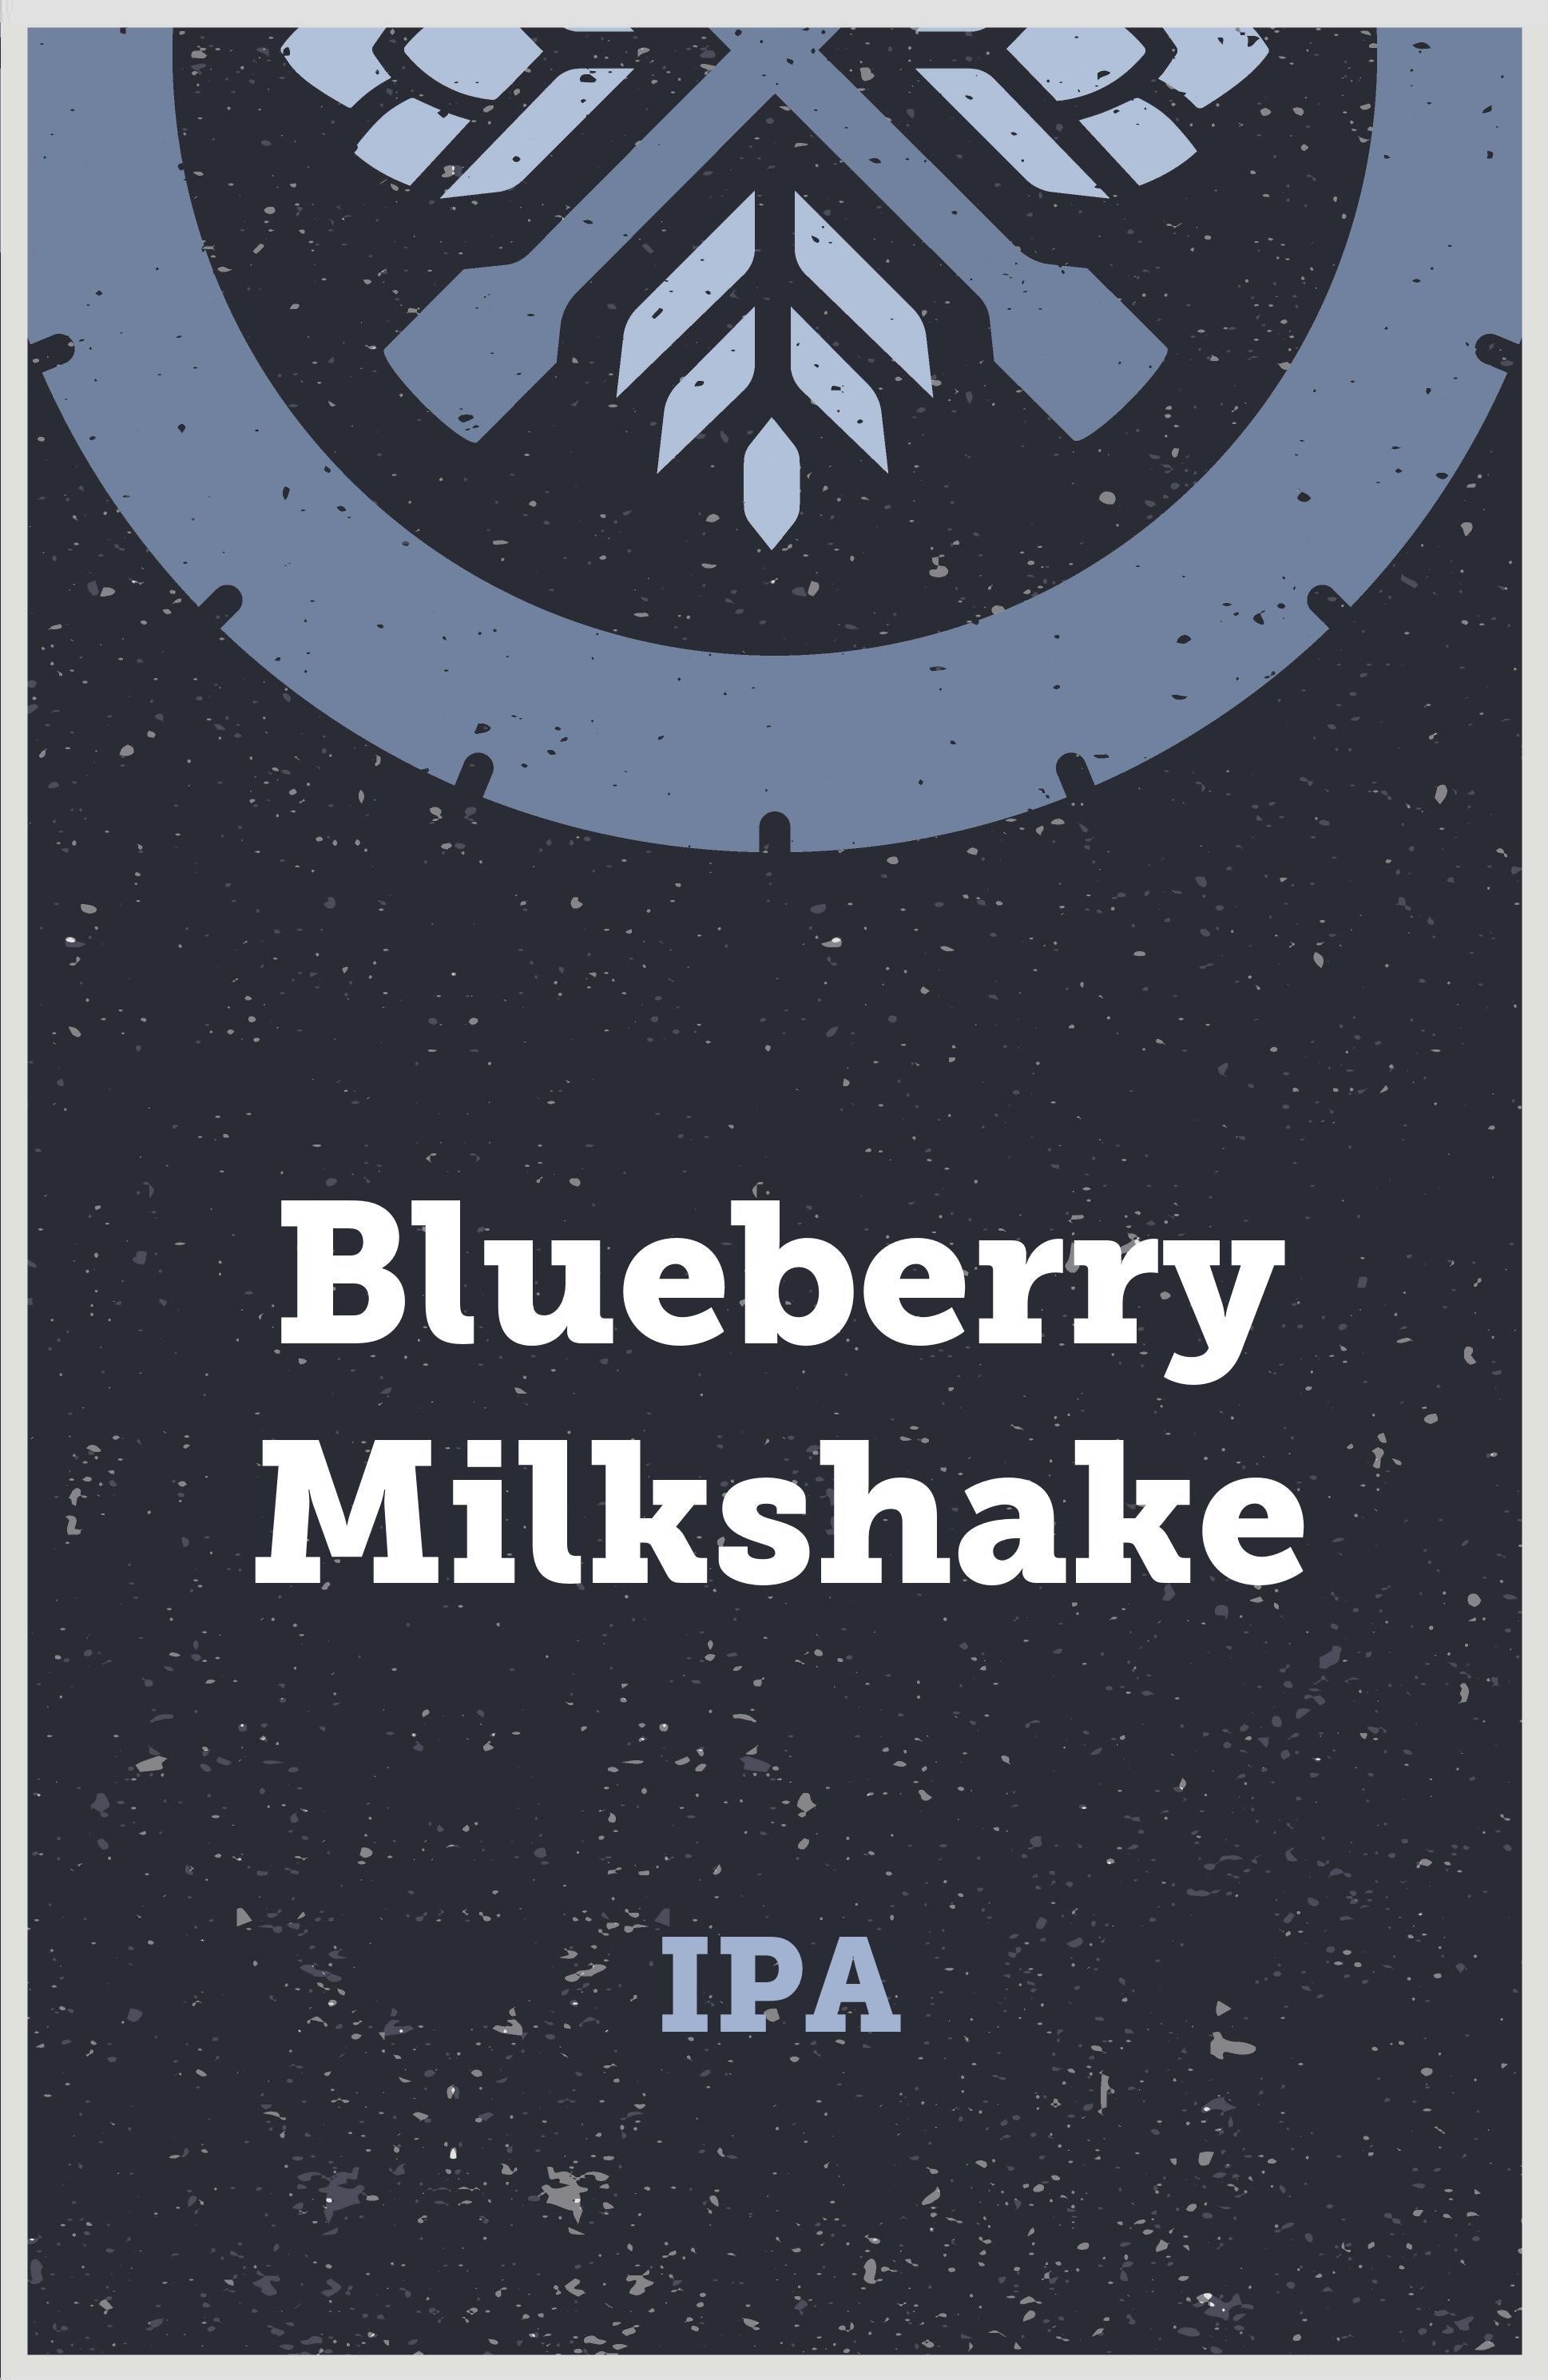 Blueberry Vanilla Milkshake IPA